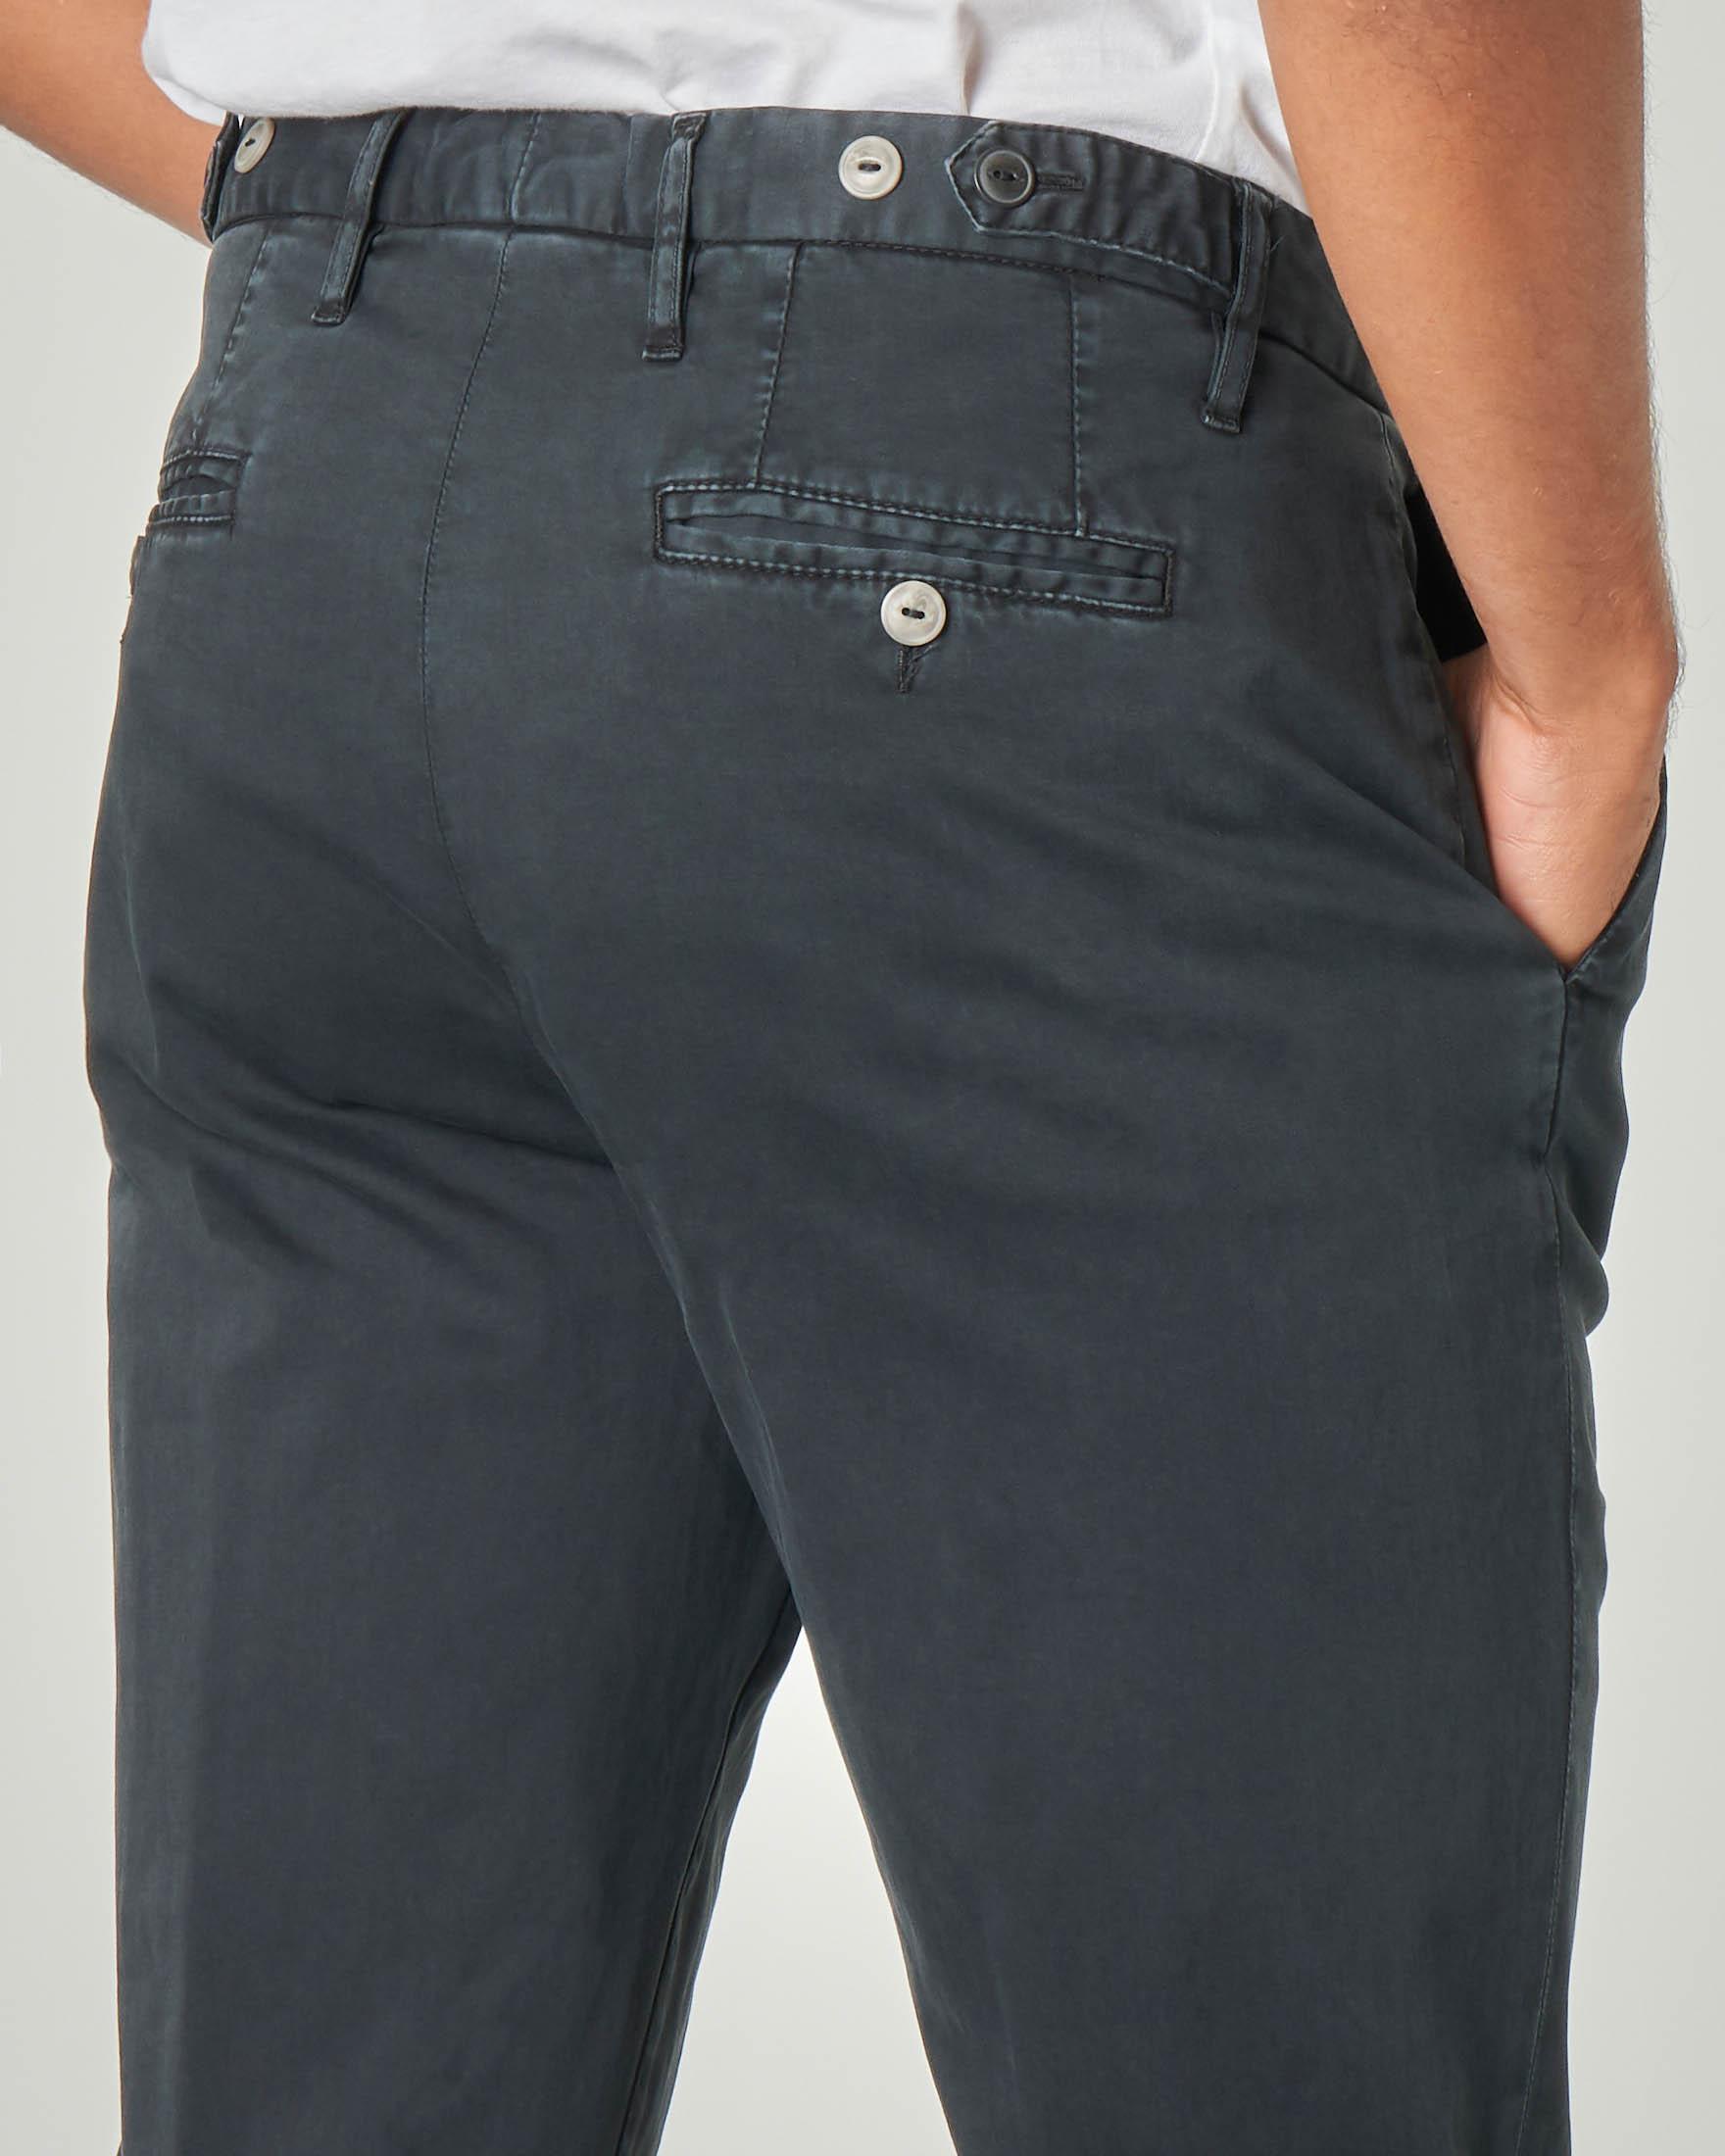 Pantalone chino nero in raso di cotone stretch